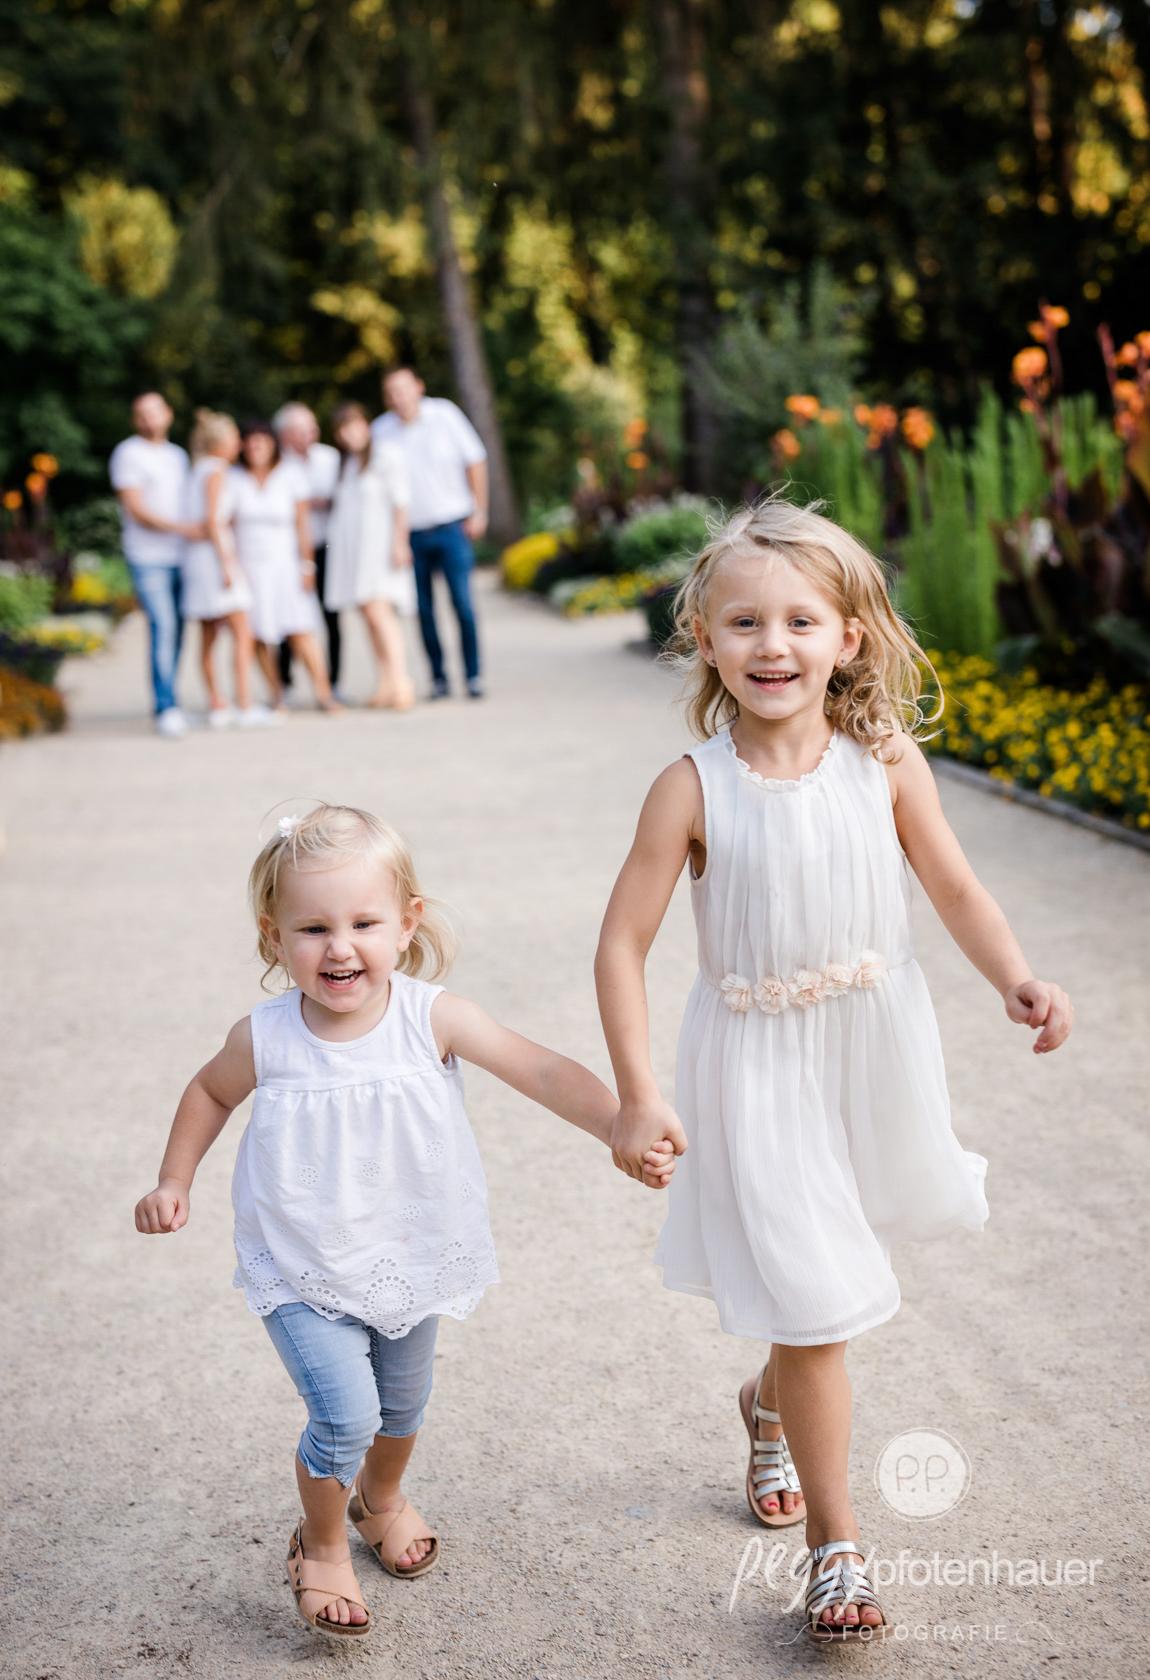 Familienphotoshooting